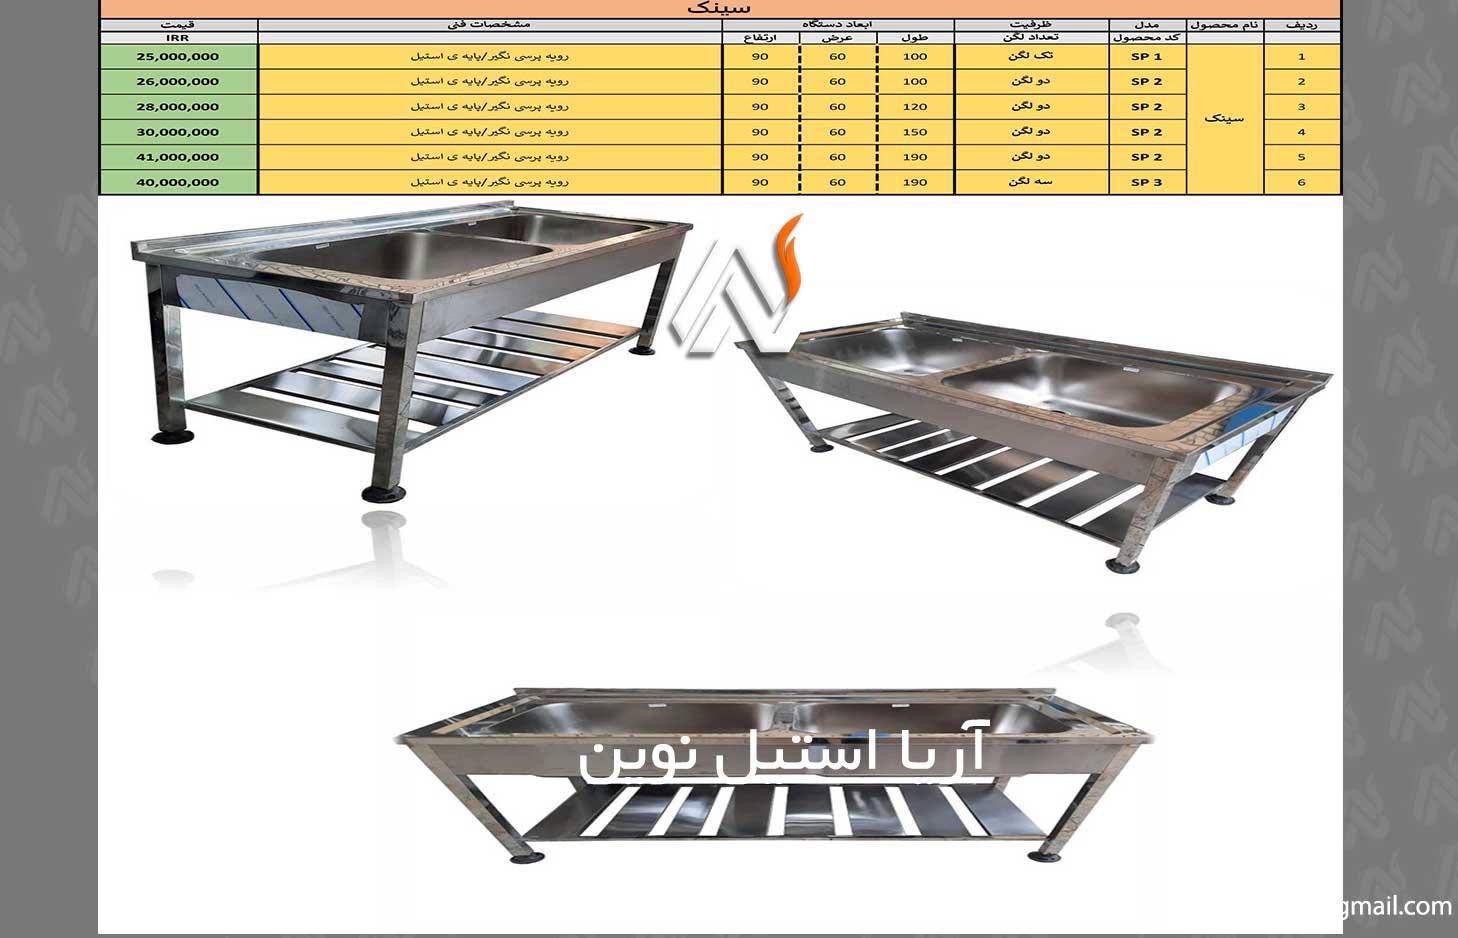 لیست قیمت تجهیزات نظافتی آشپزخانه صنعتی